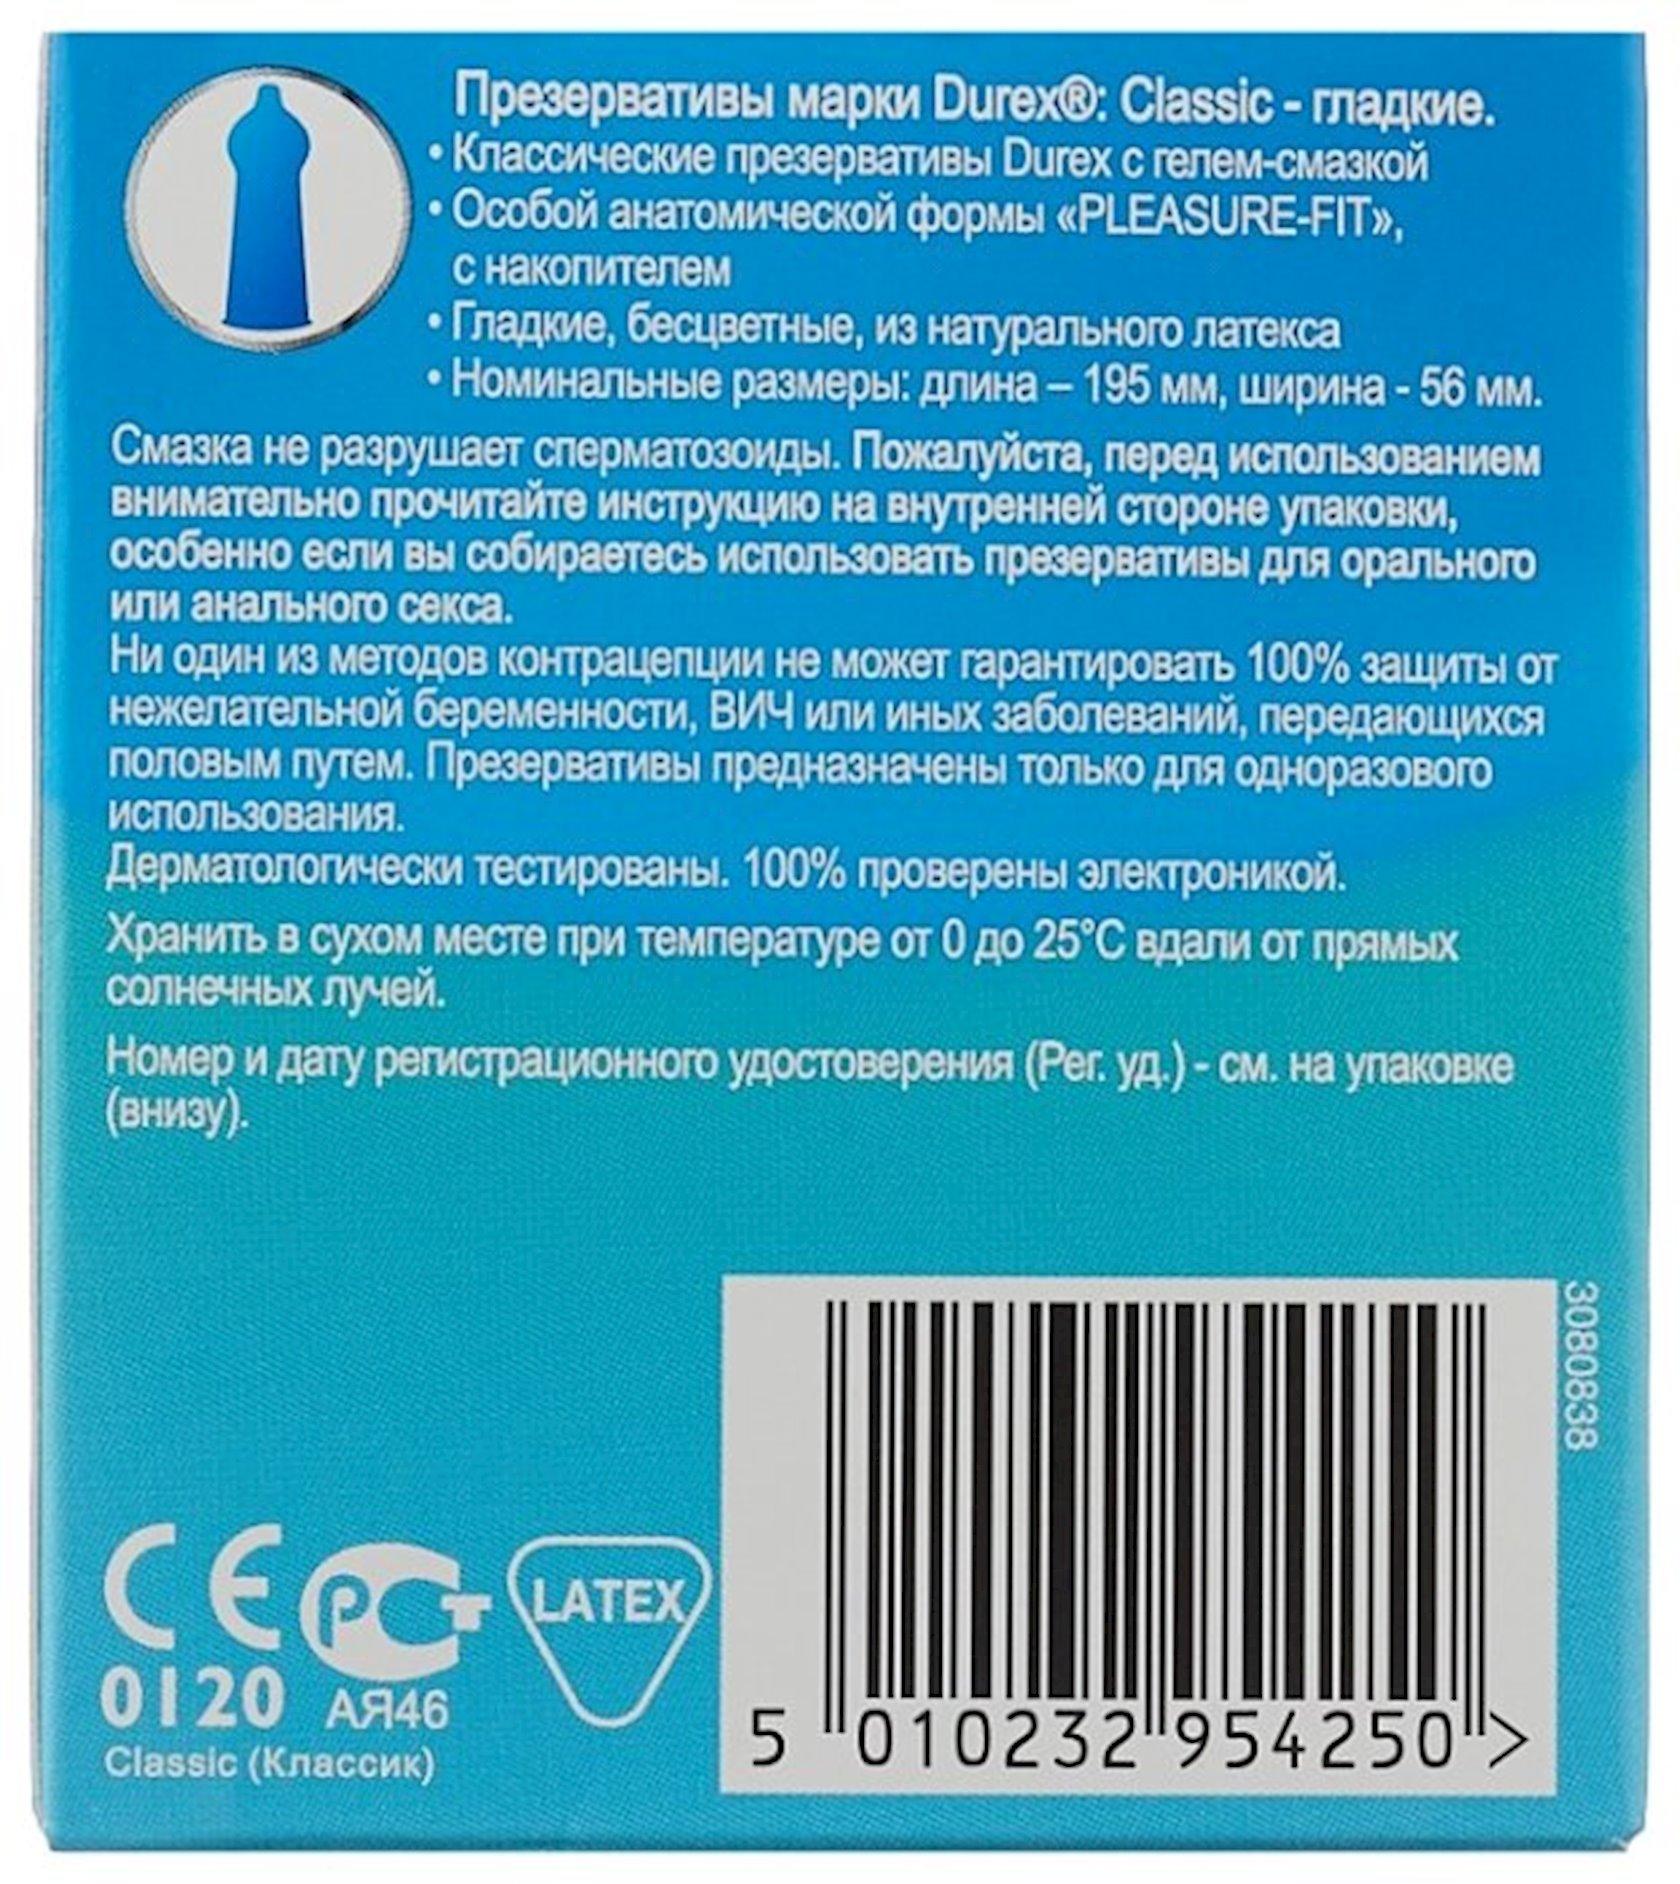 Prezervativlər Durex Classic 3 ədəd